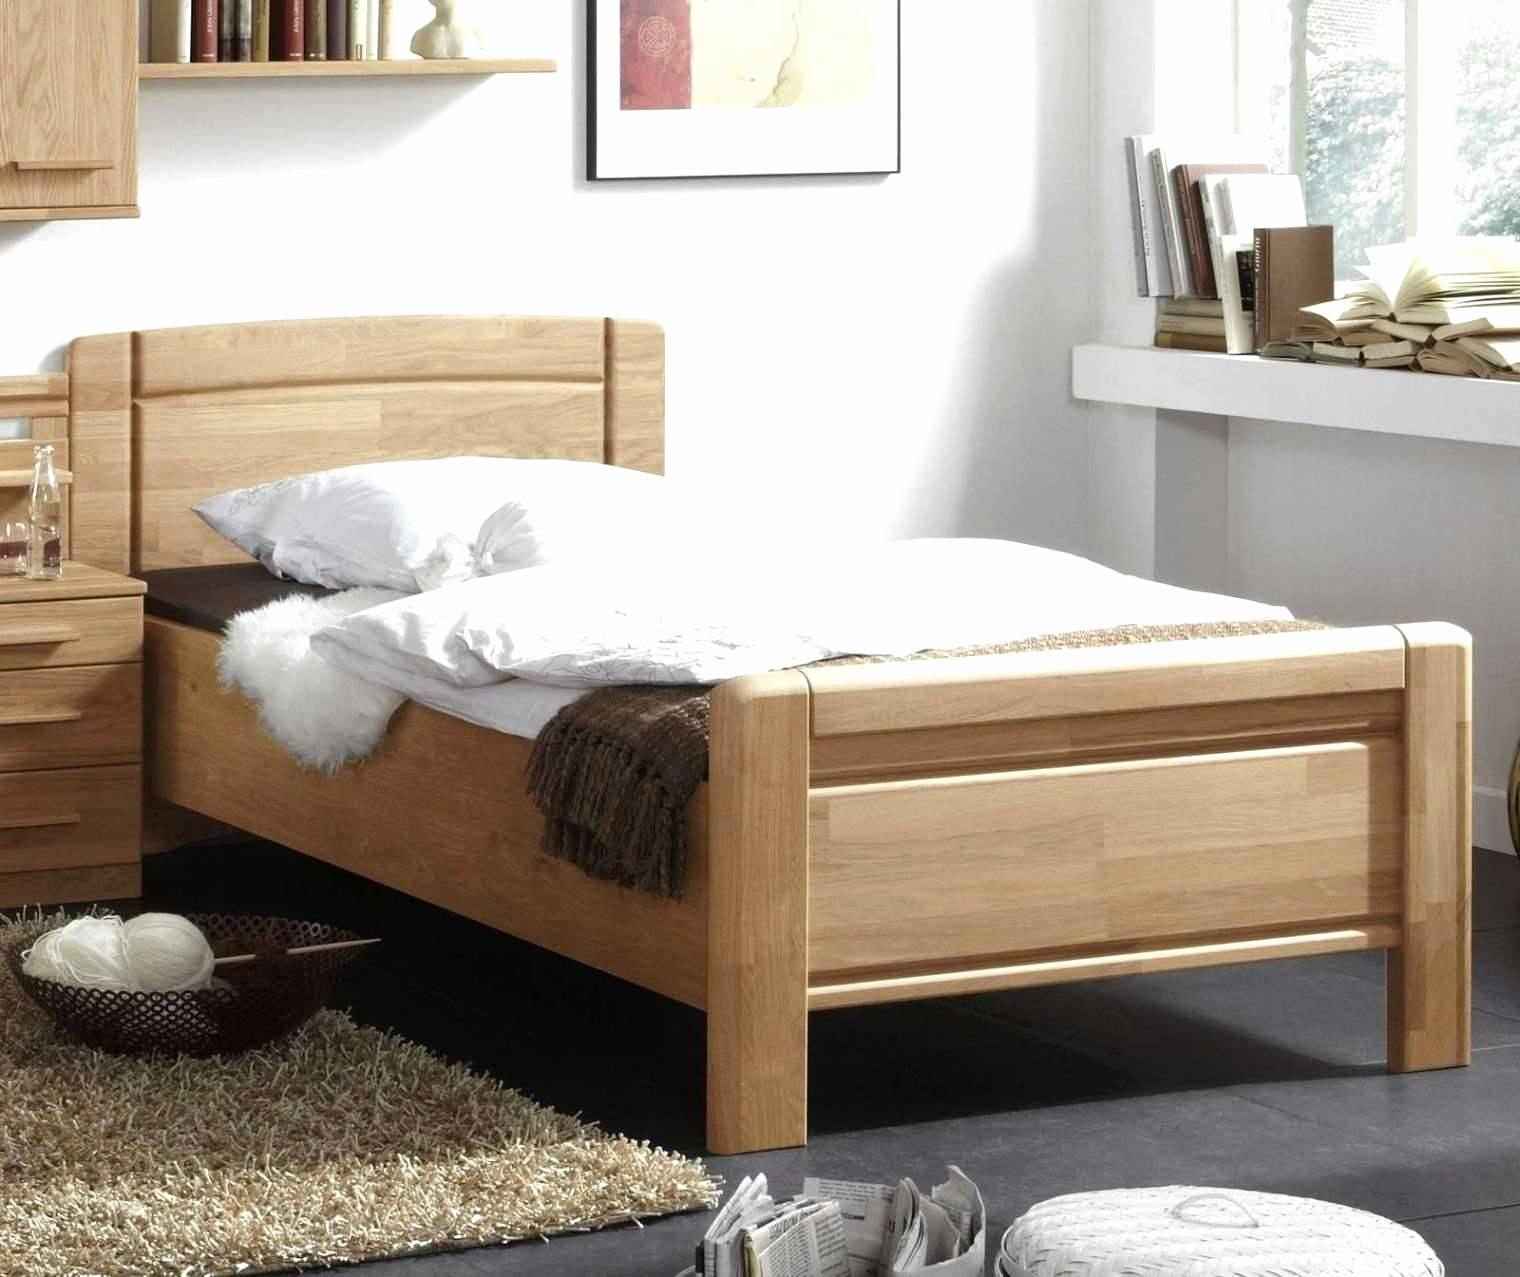 Full Size of Bett 200x200 Ikea 200200 Neu Ruf Betten Fabrikverkauf Moebel De Jugendstil Clinique Even Better Einzelbett Bette Starlet Jugend Für übergewichtige Bett Bett 200x200